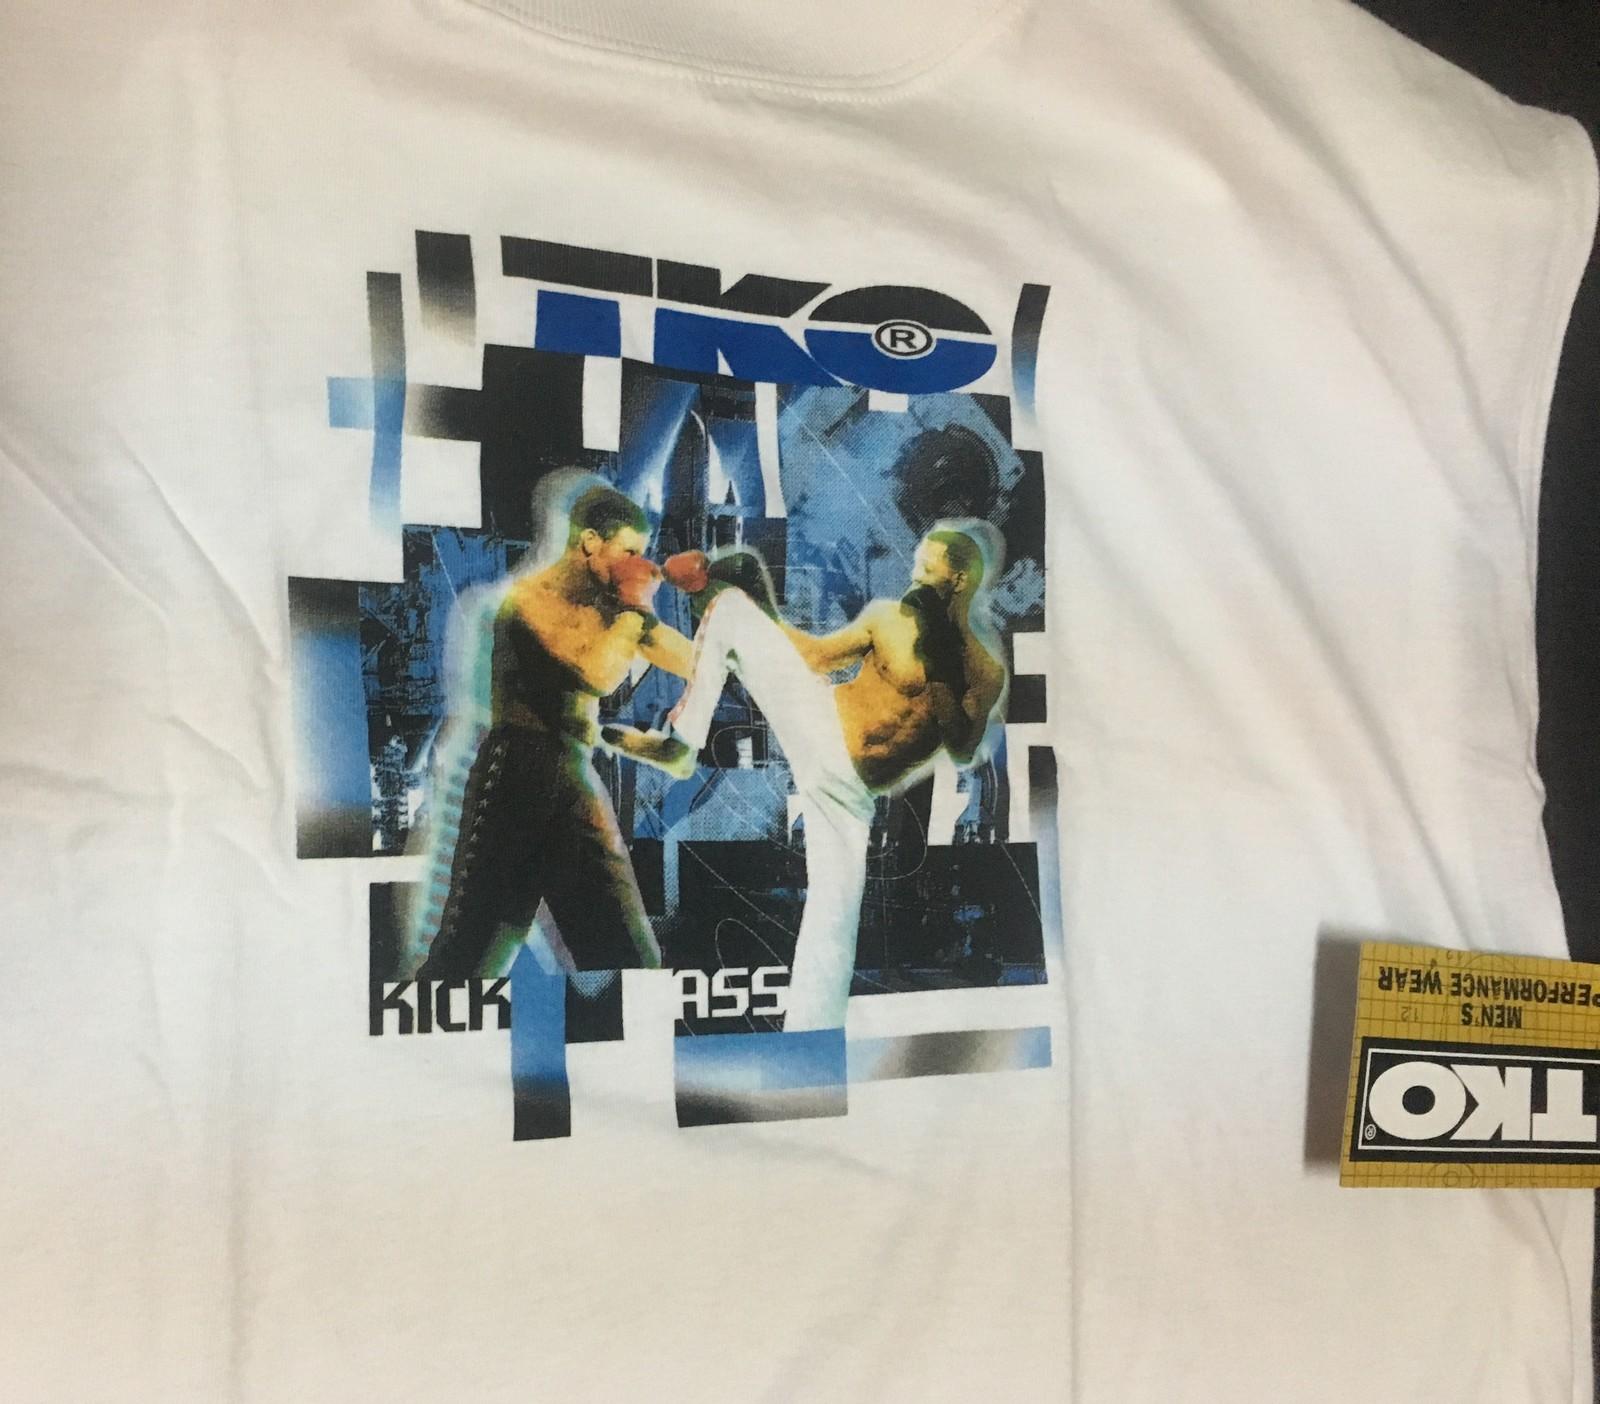 TKO Performance Wear Shirt KICK ASS Men's XL Made USA